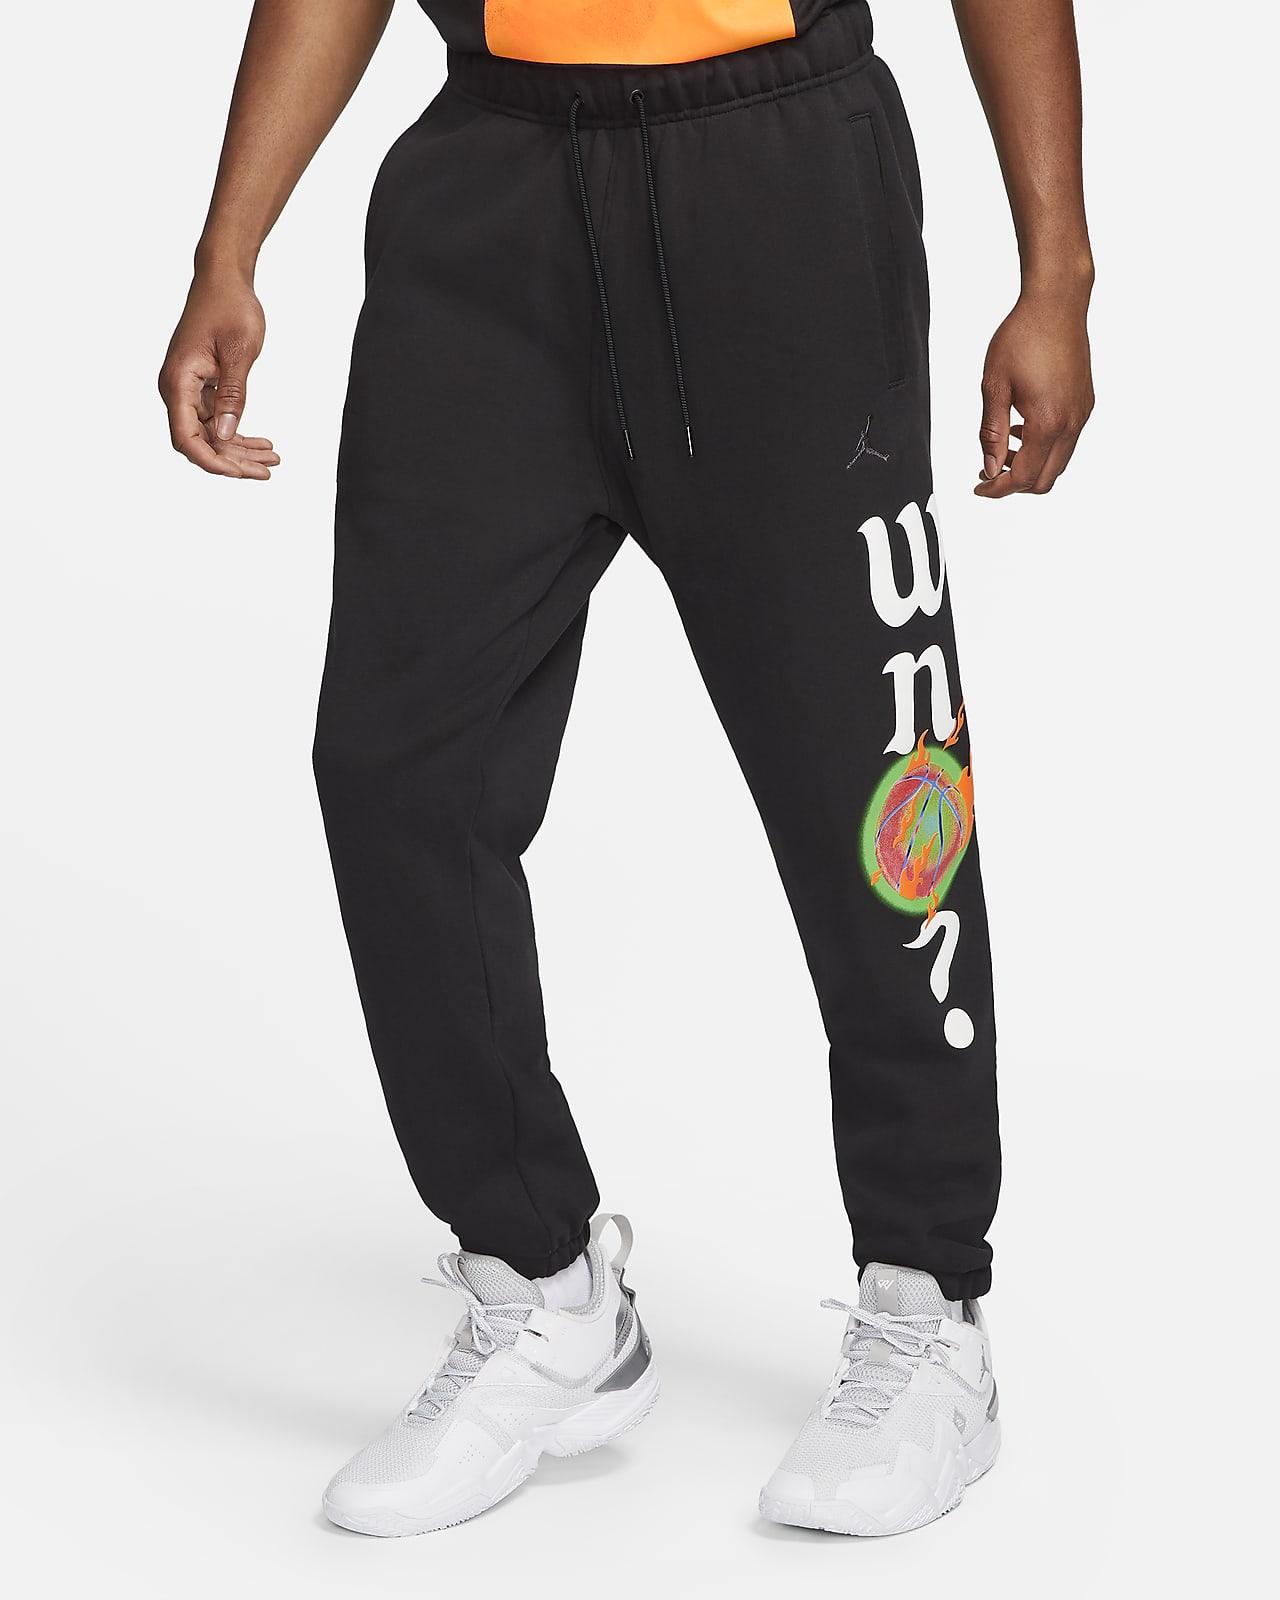 Jordan Why Not? Pantaloni in fleece - Uomo